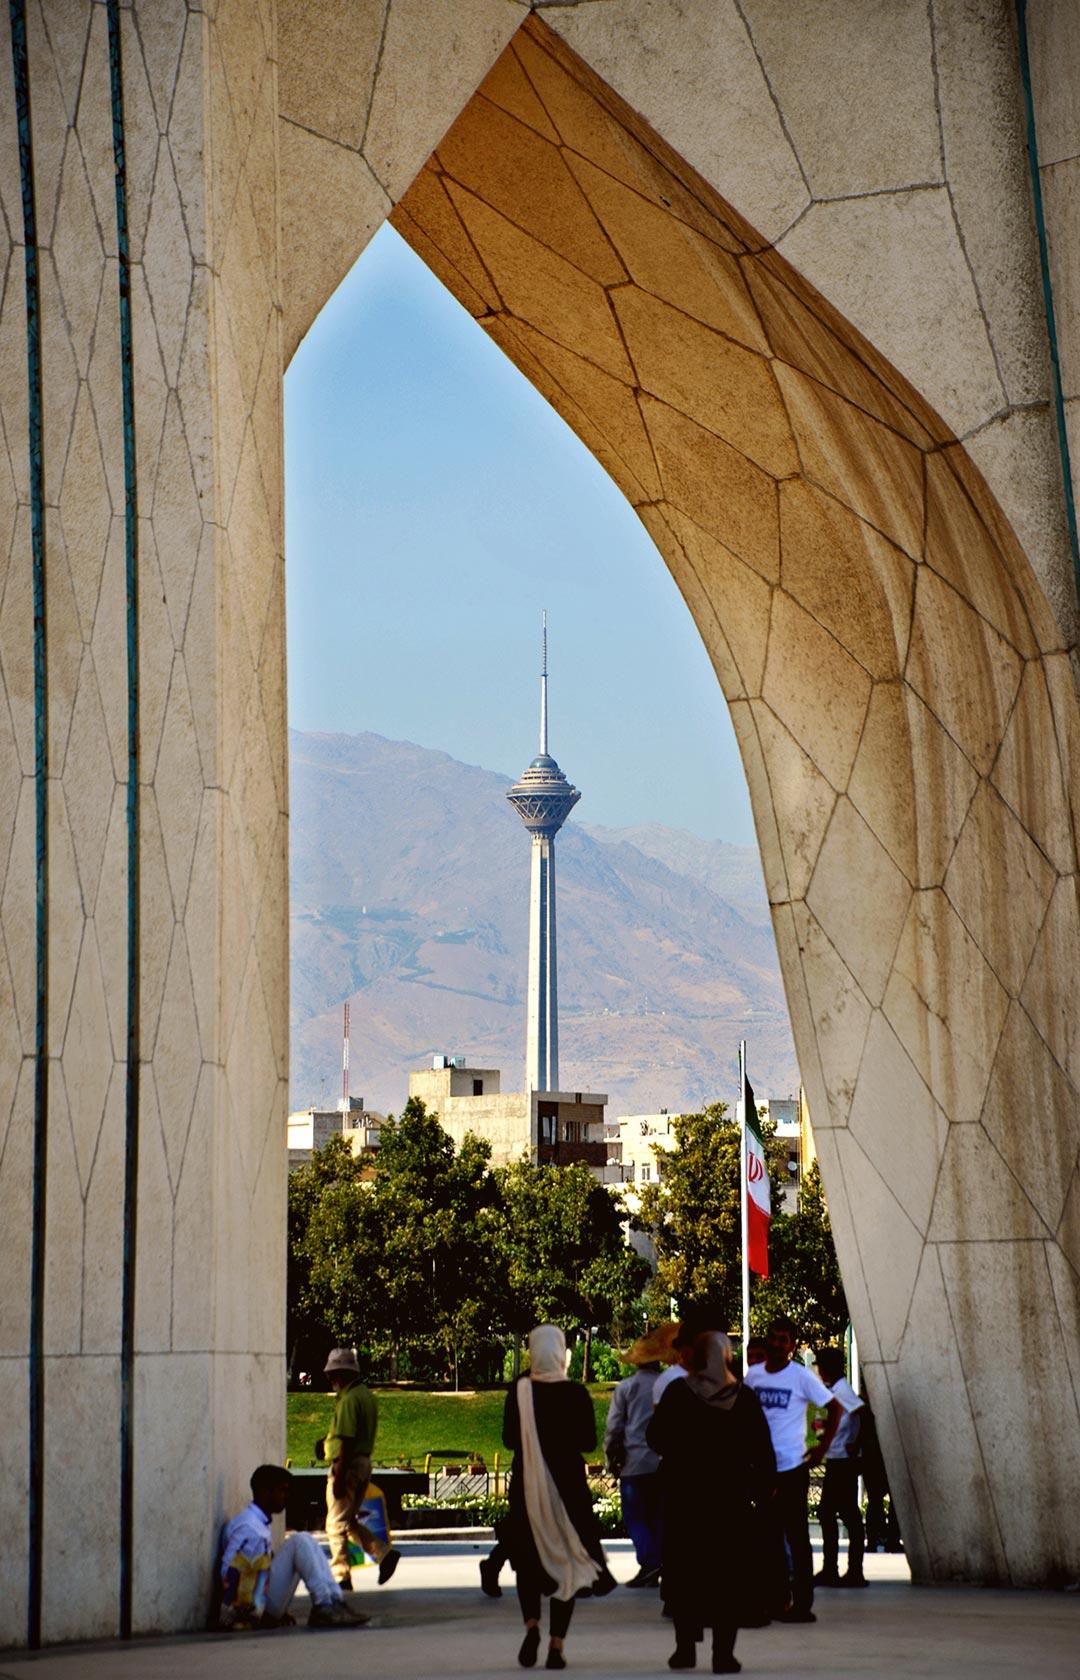 435 metrov vysoká veža Bordž-e mílád je 5. najvyššou vežou na svete. Je prístupná aj pre turistov. Ja som bohužiaľ nemal na návštevu čas.